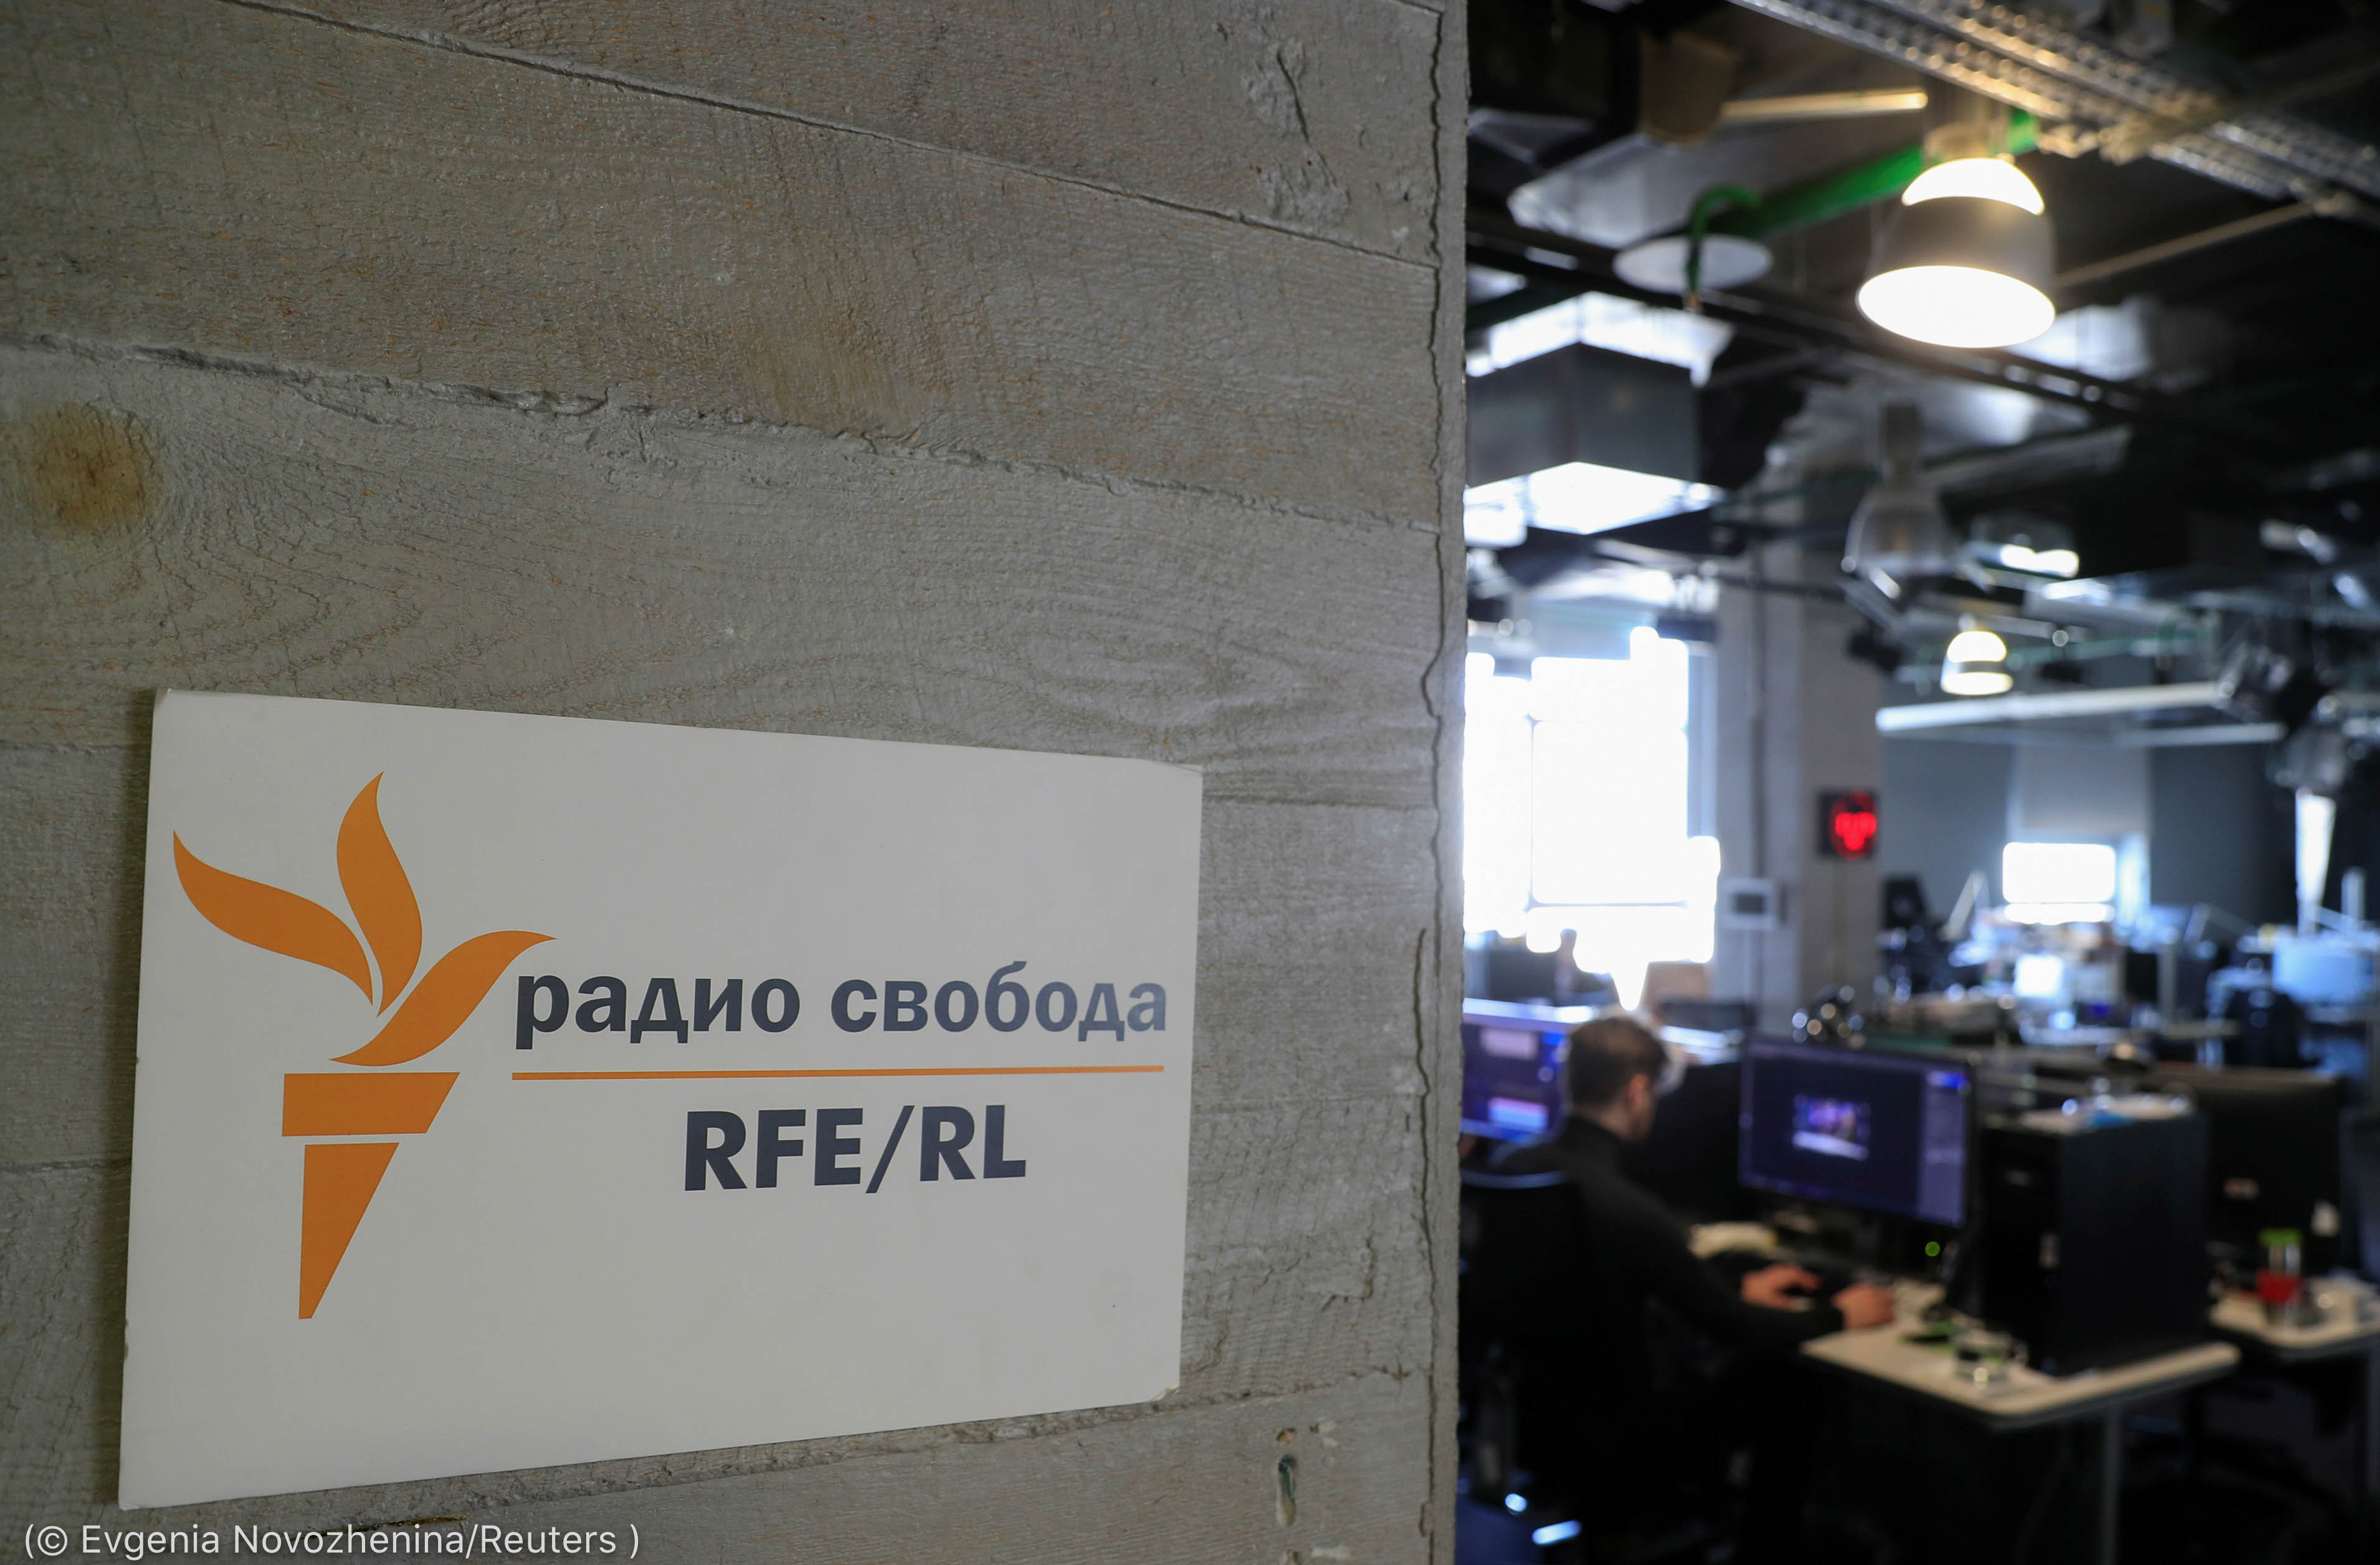 Assine a Rádio Europa Livre/Rádio Liberdade fora da redação (© Evgenia Novozhenina/Reuters)